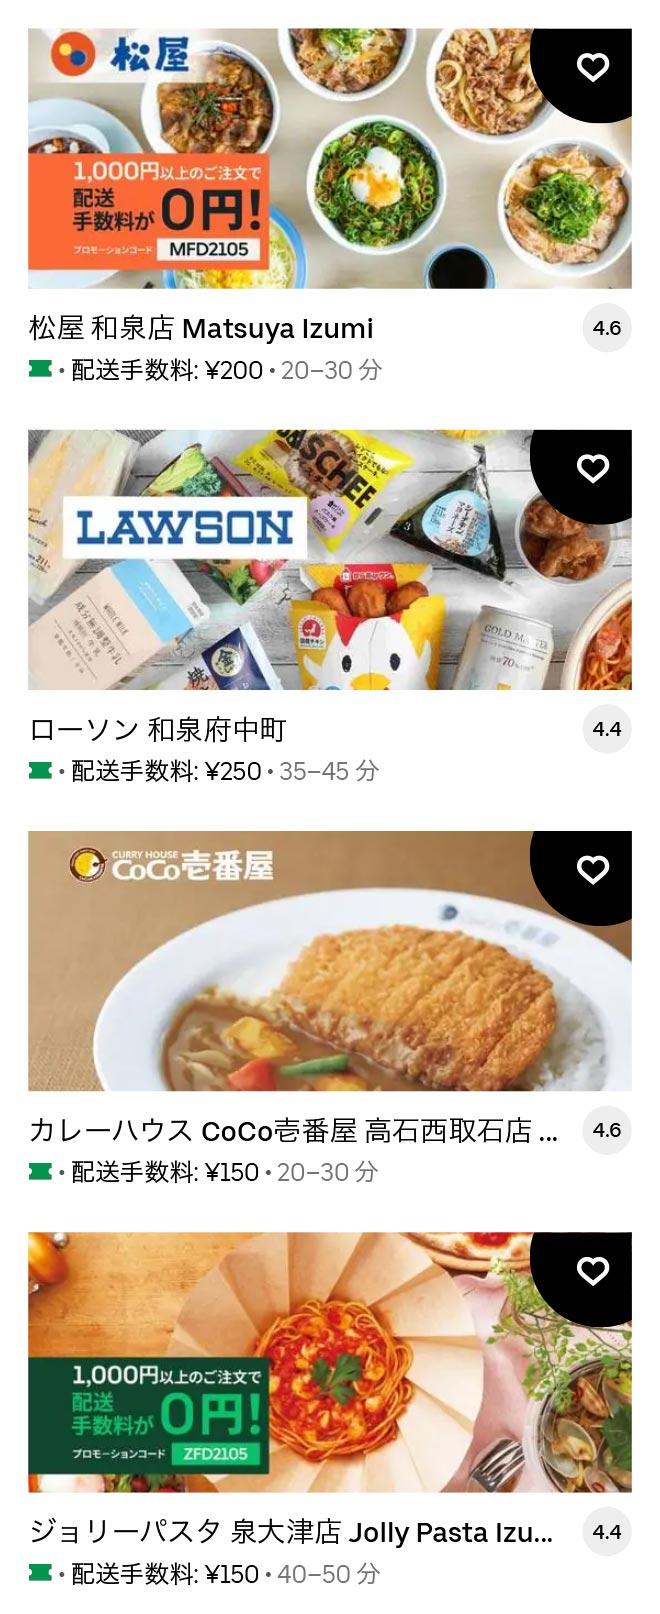 U kitashinoda 2105 04